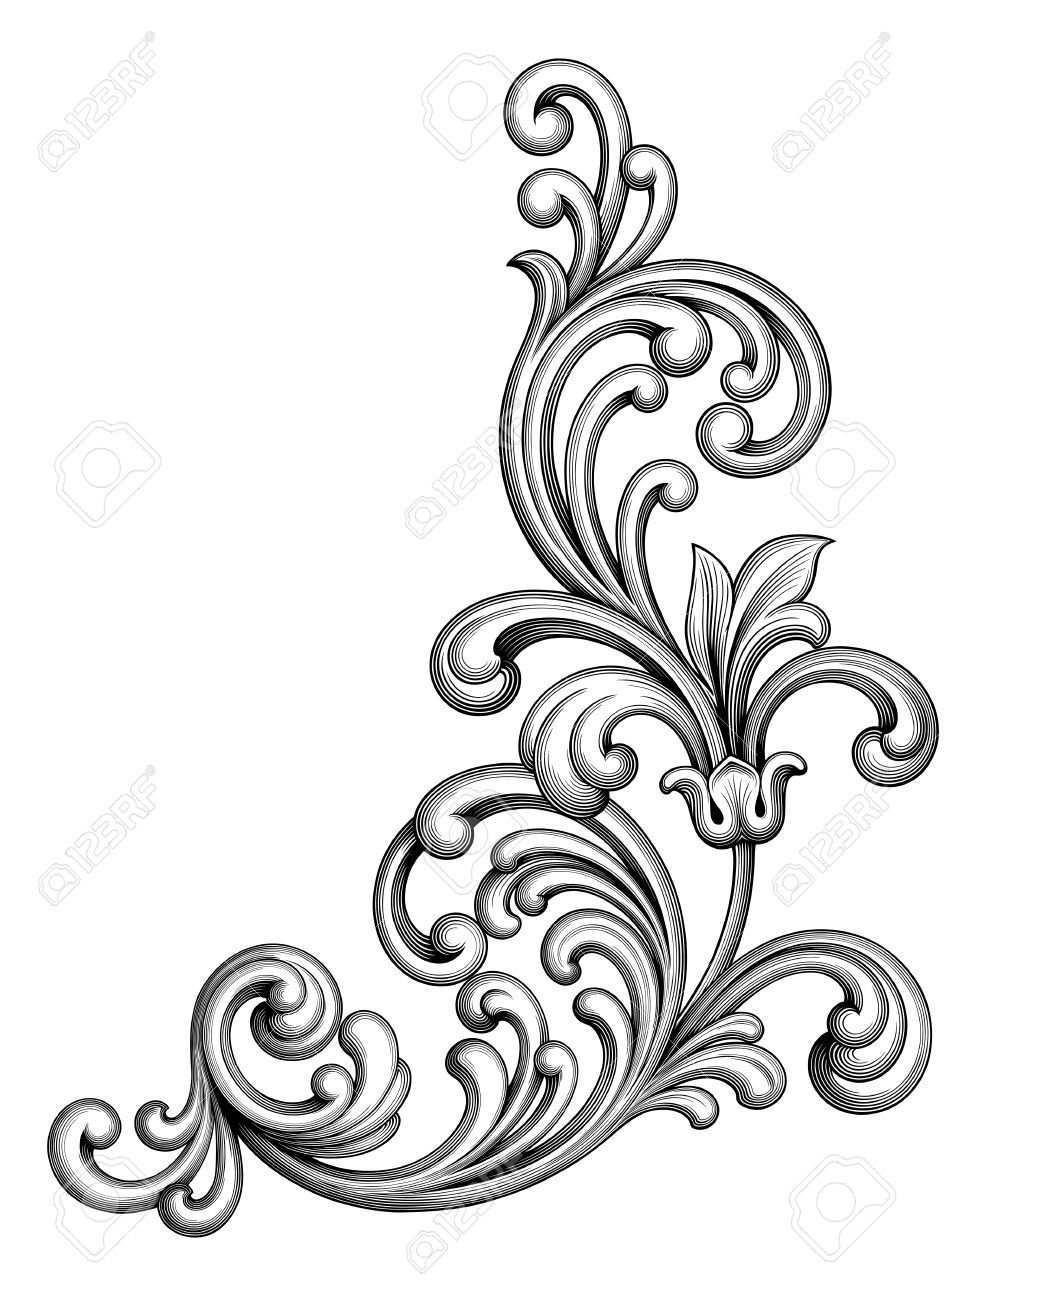 Pin Em Vintazhnye Dekorativnye Elementy